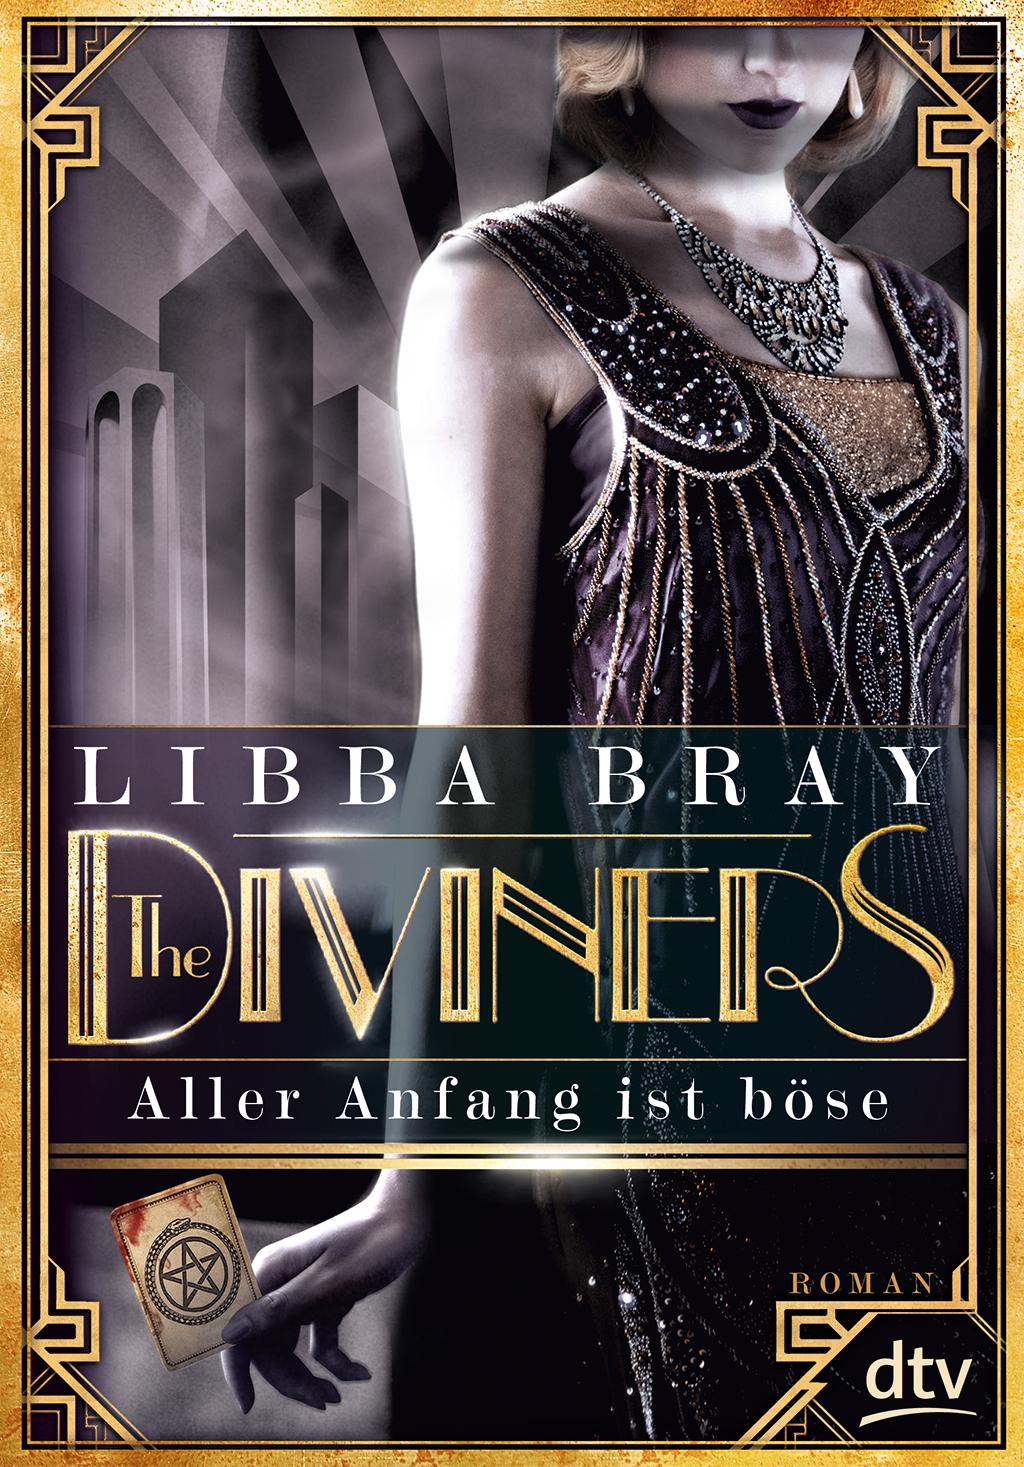 http://www.dtv-dasjungebuch.de/buecher/the_diviners_-_aller_anfang_ist_boese_76096.html